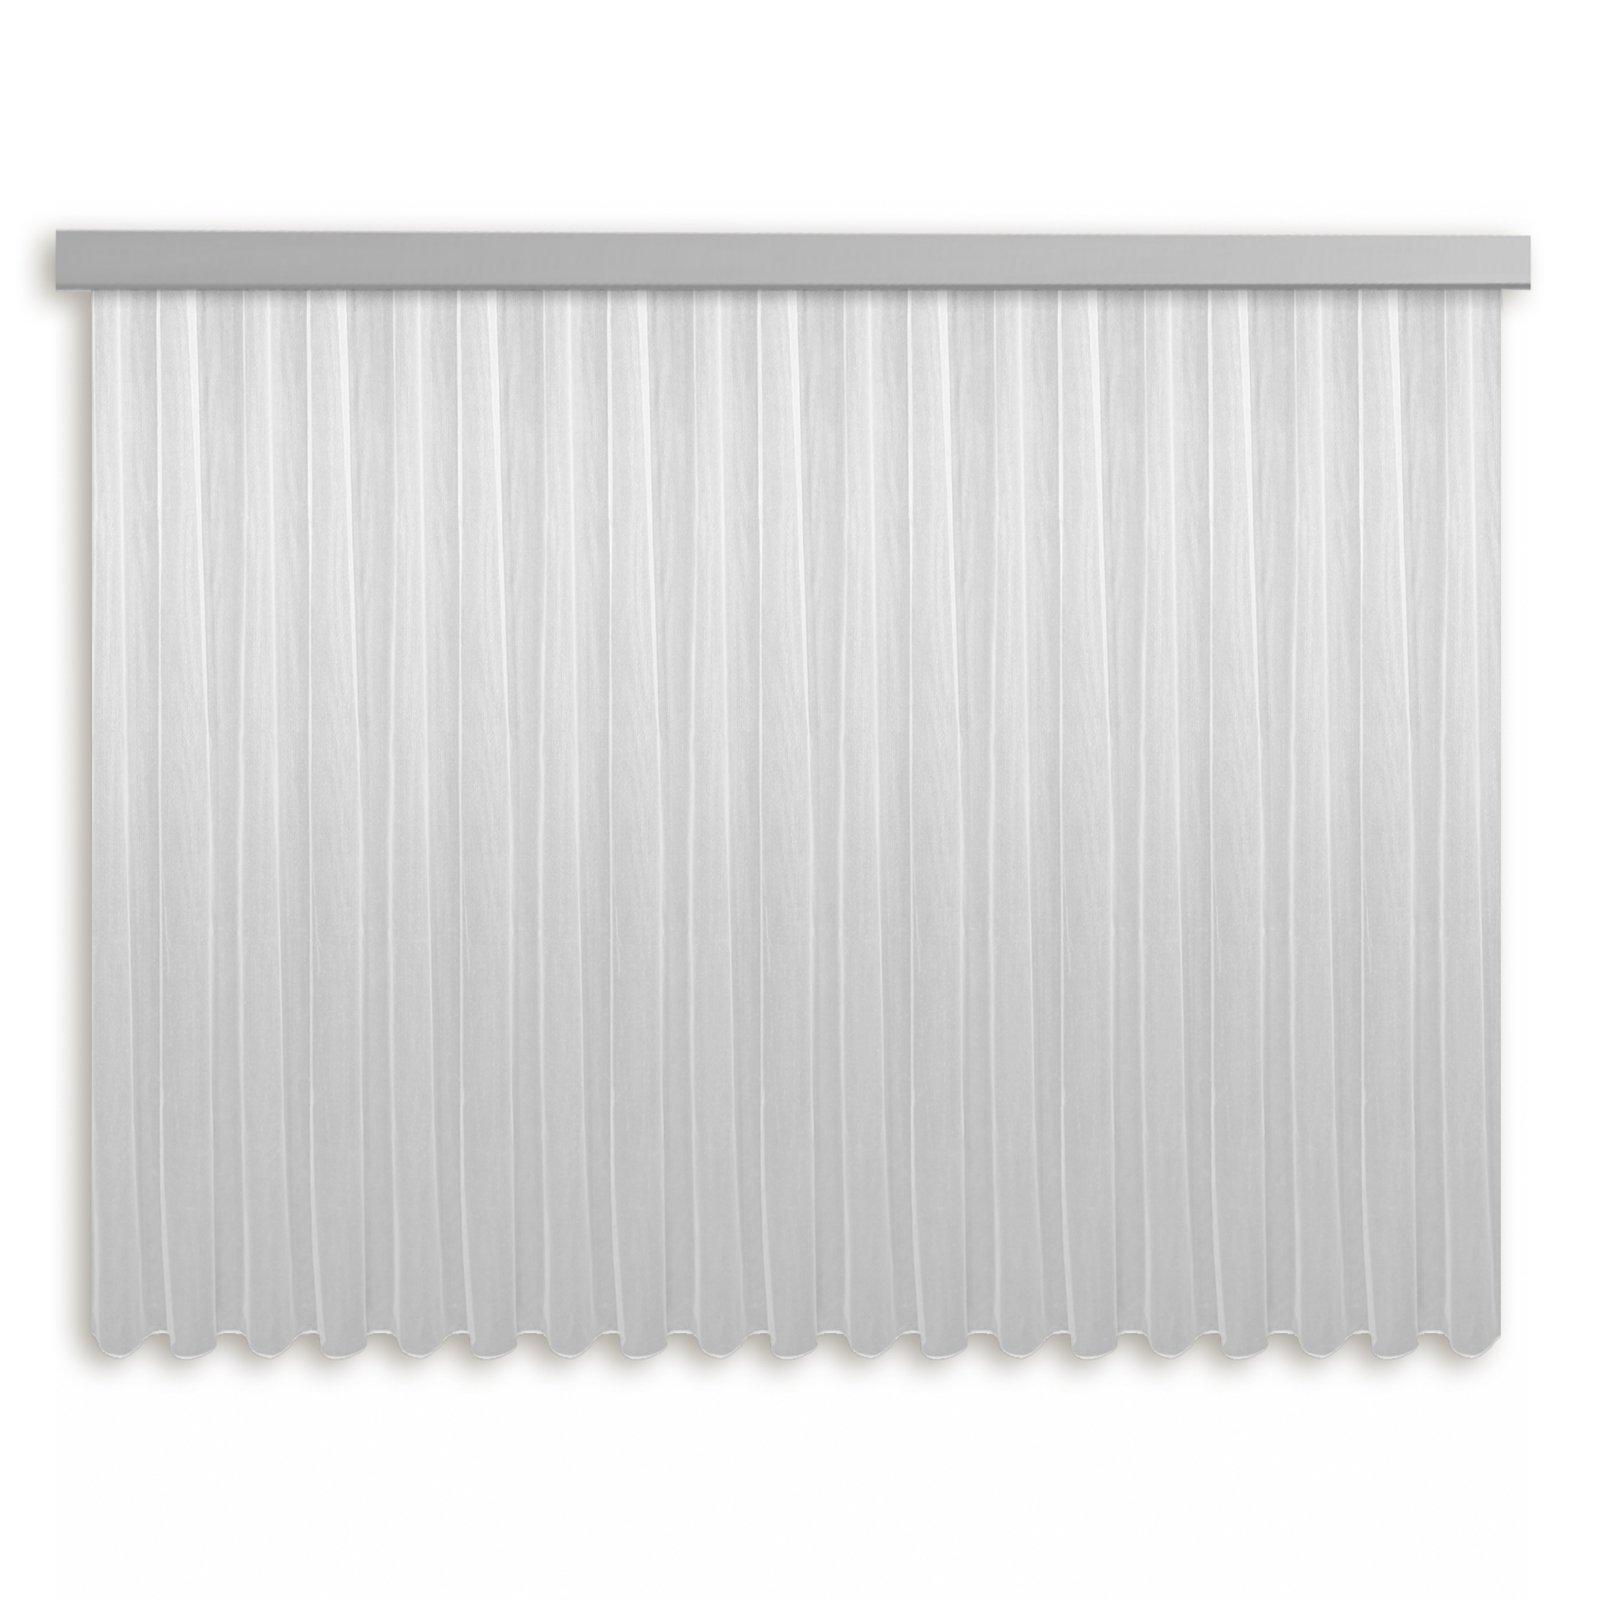 Gardine MILANO - Fertigstore - weiß - 450x145 cm